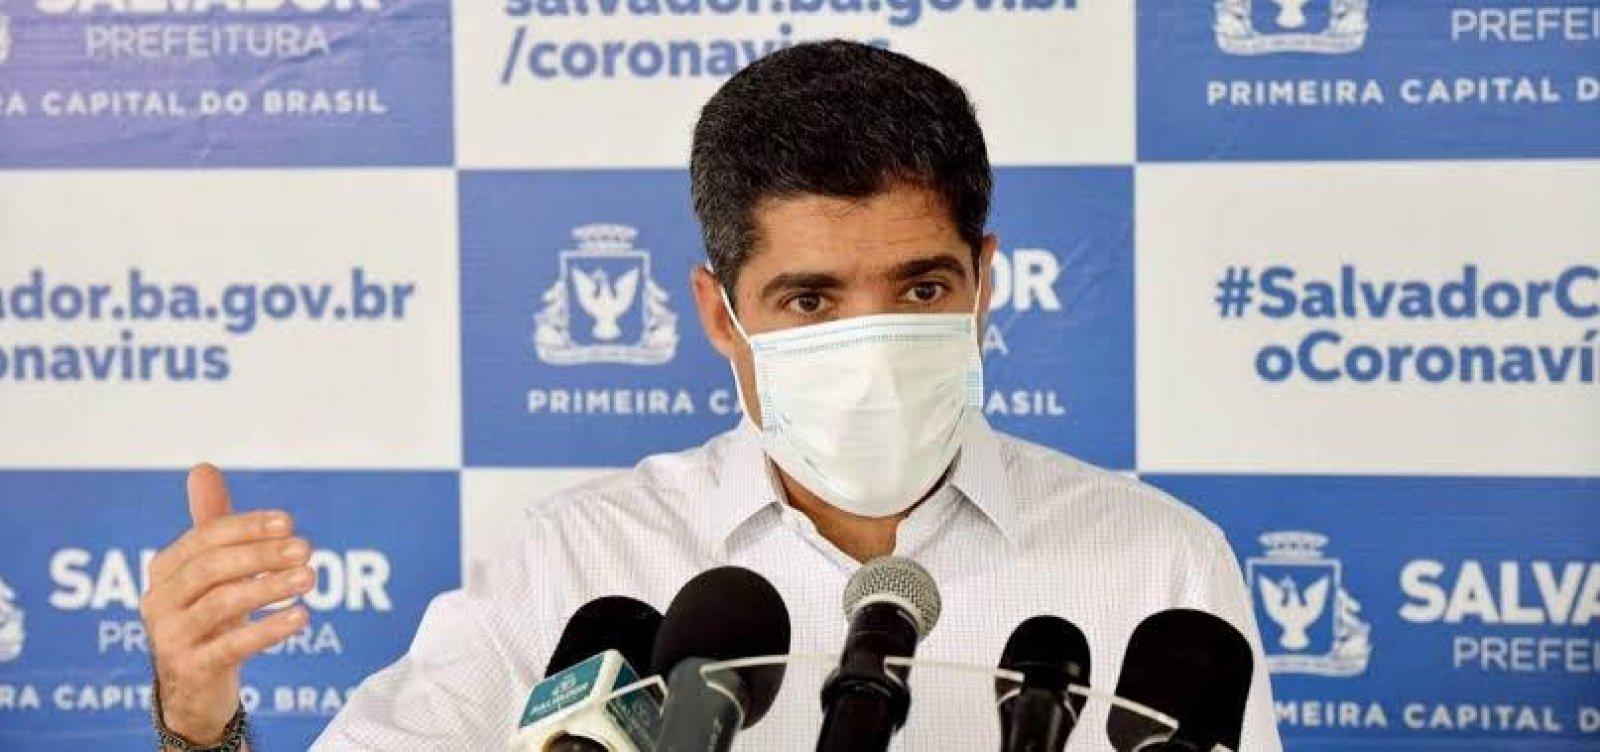 [ACM Neto condena invasão a hospital de deputado da sua base: 'Inaceitável']